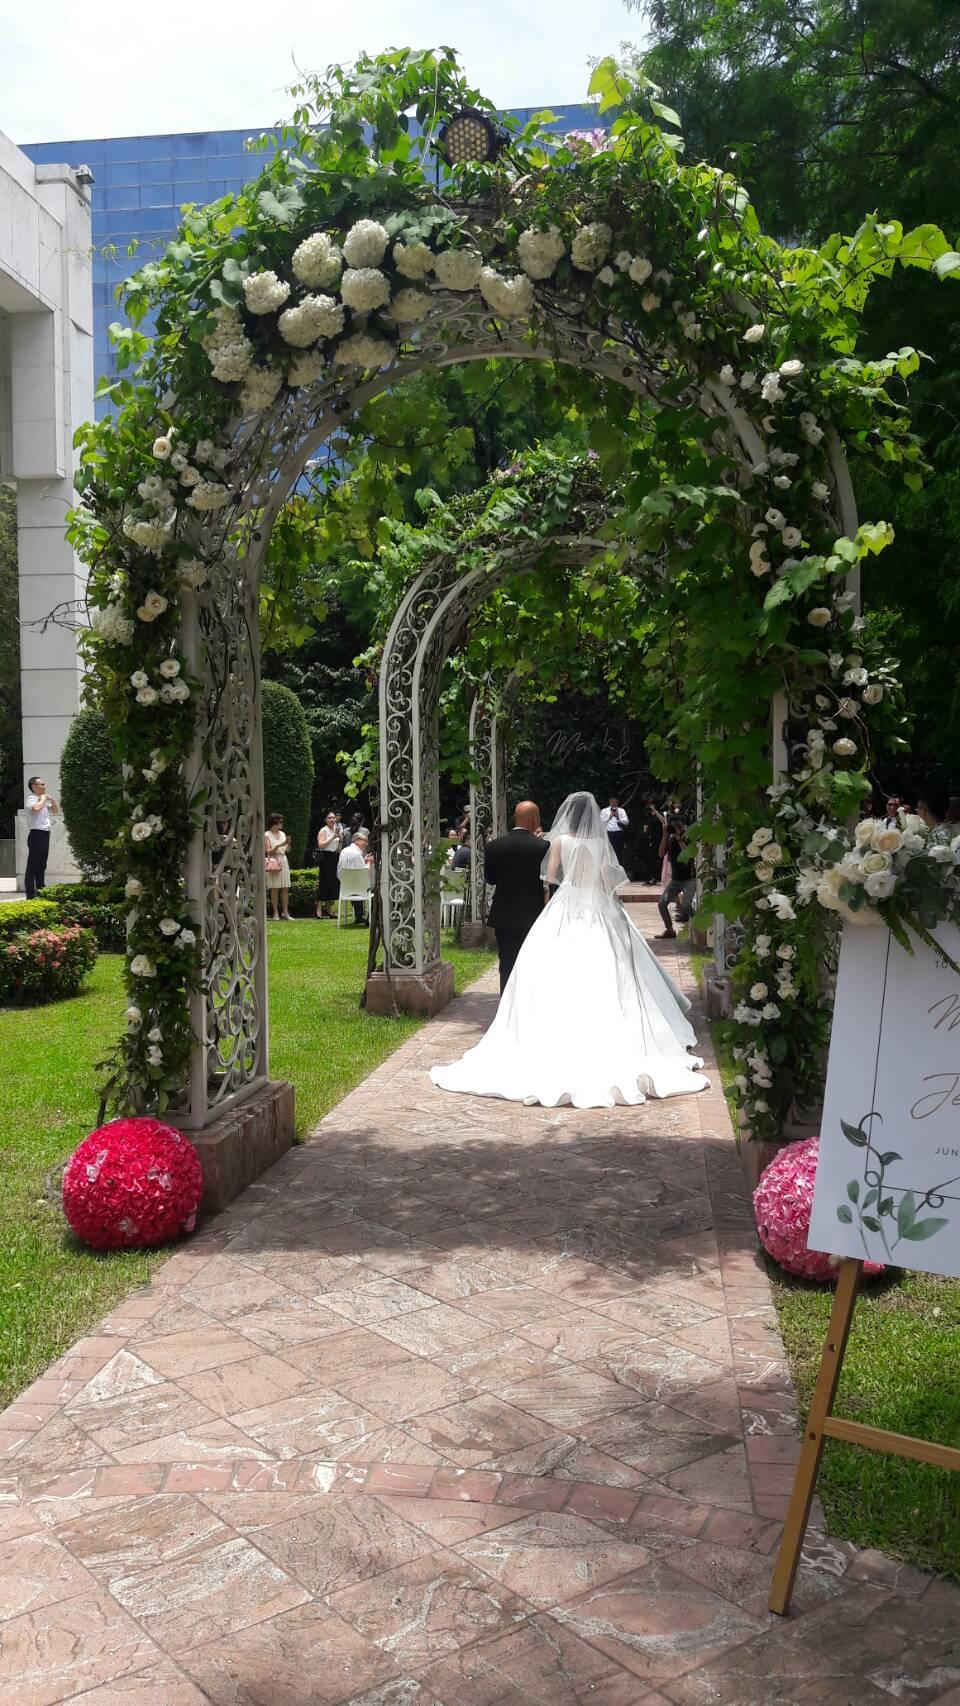 49619 - 台中林皇宮花園《結婚吧》